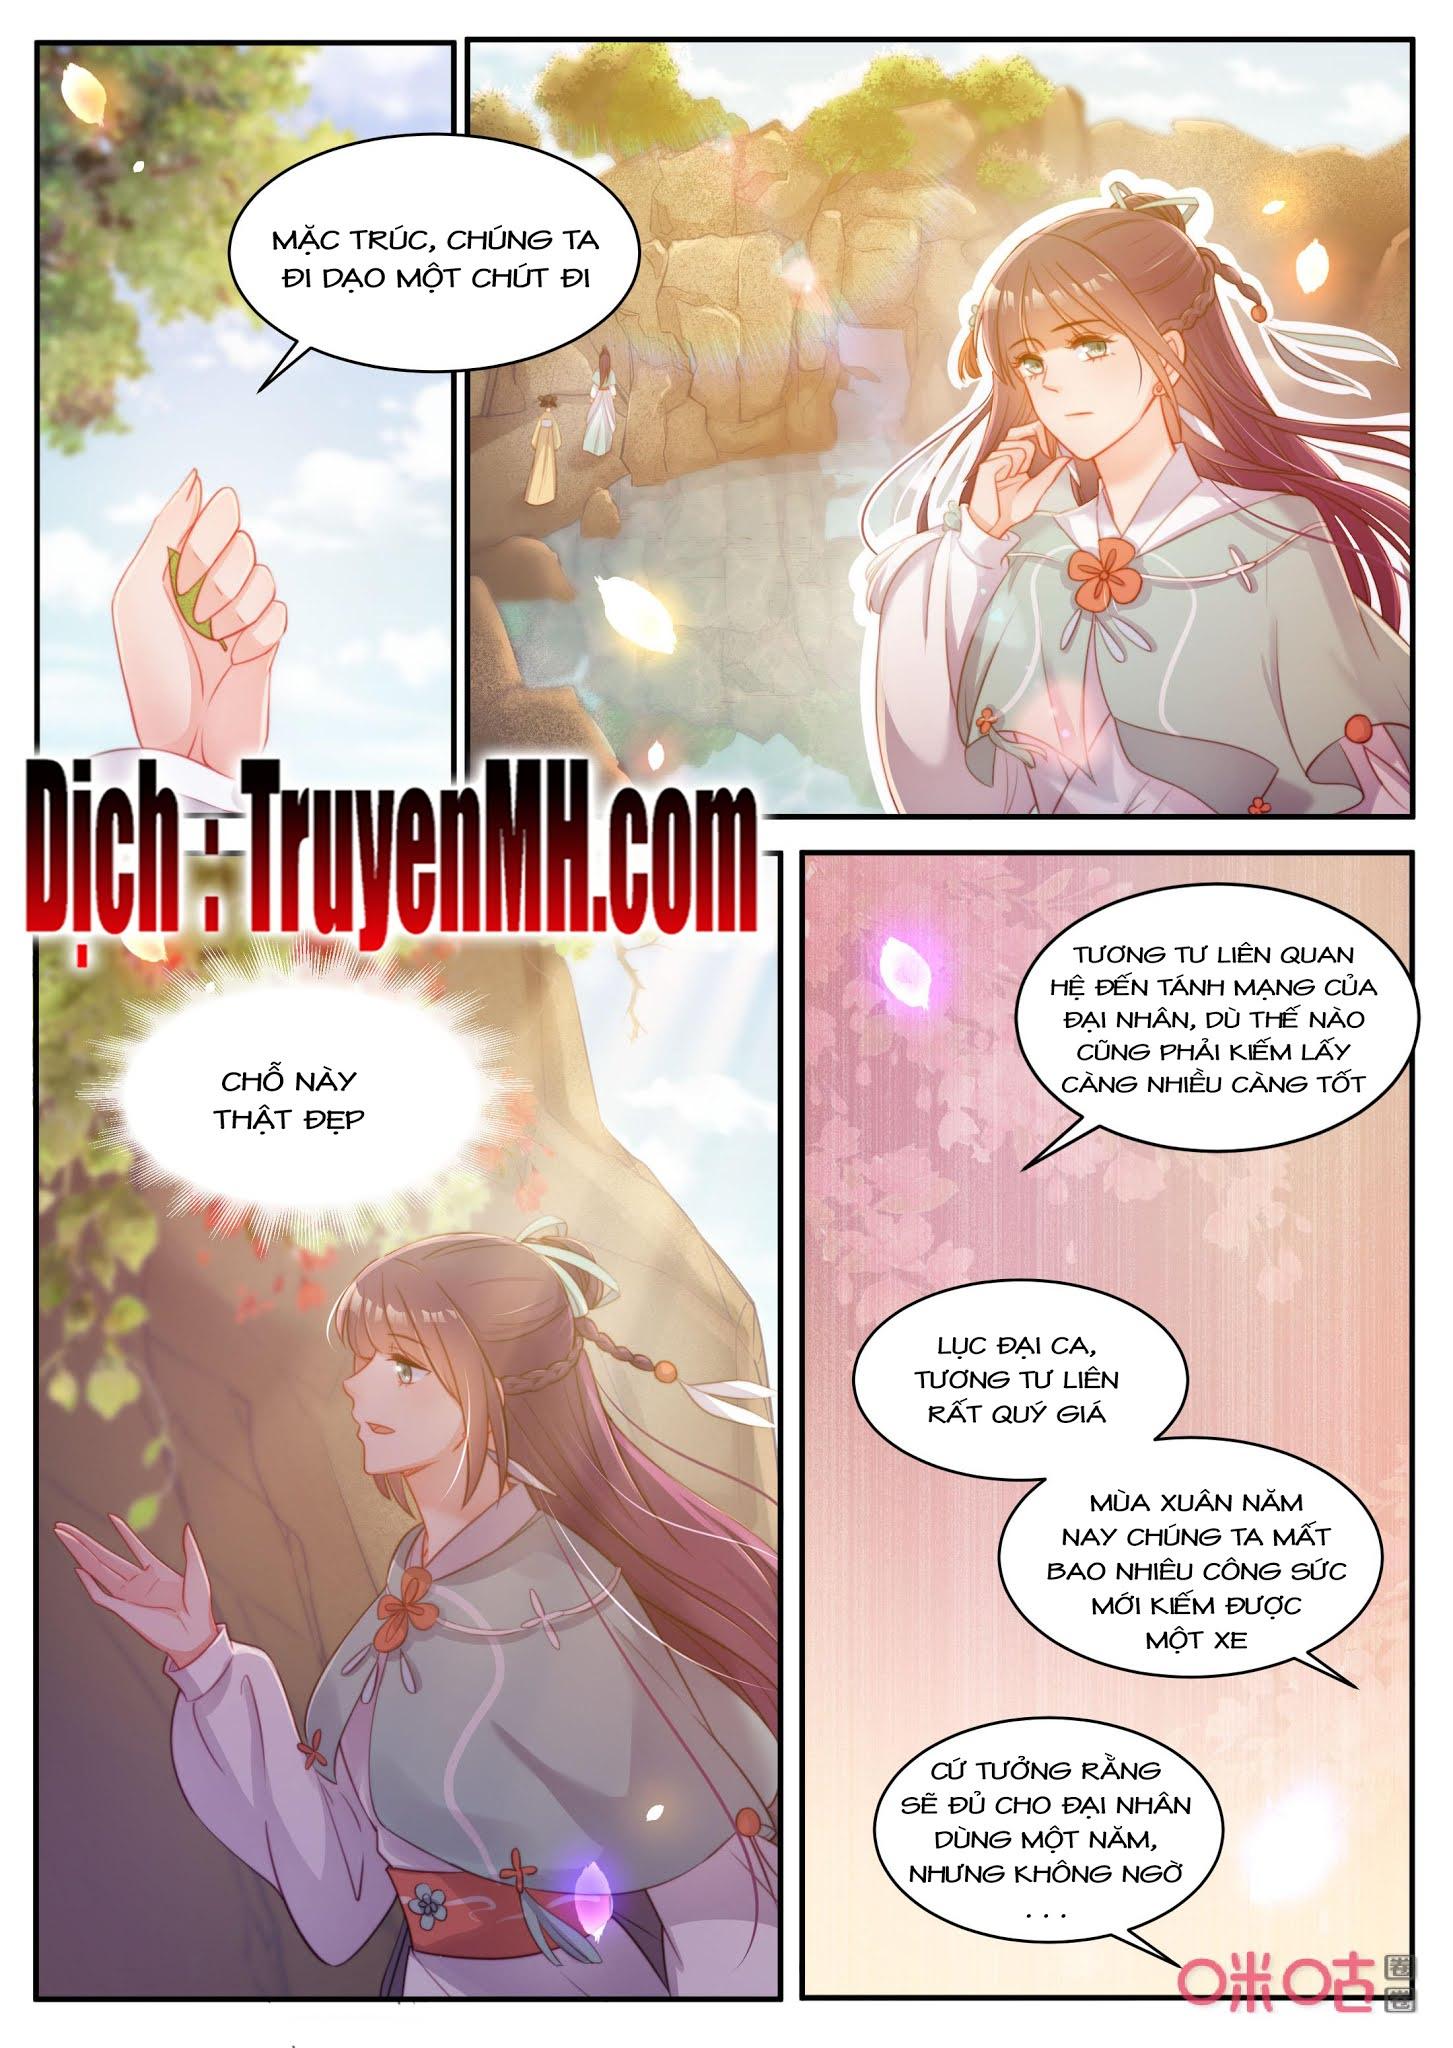 Thần Y Tiểu Thiếp Của Tà Quân Chapter 51 - Trang 6